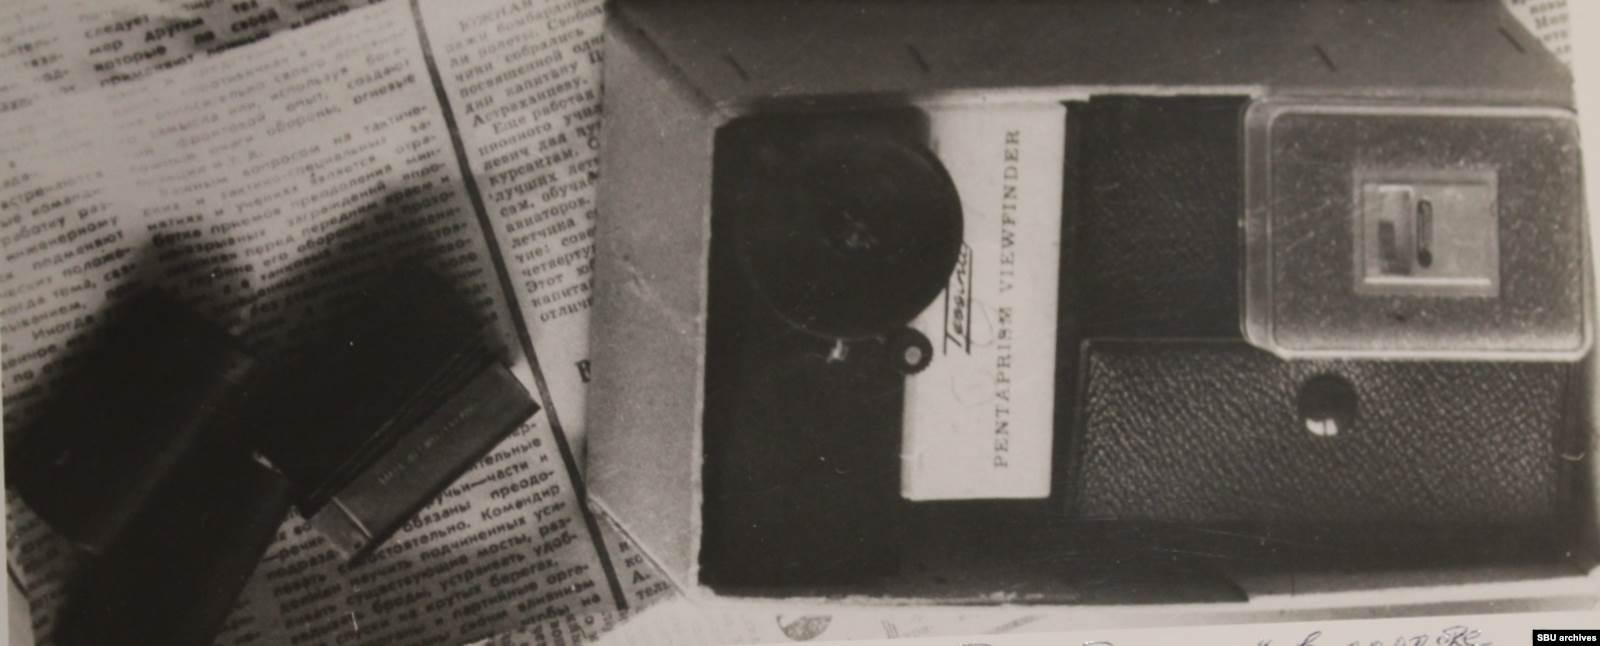 Фотоаппарат «Тессина», переданный Пушкарю Цоем. Снимок из уголовного дела